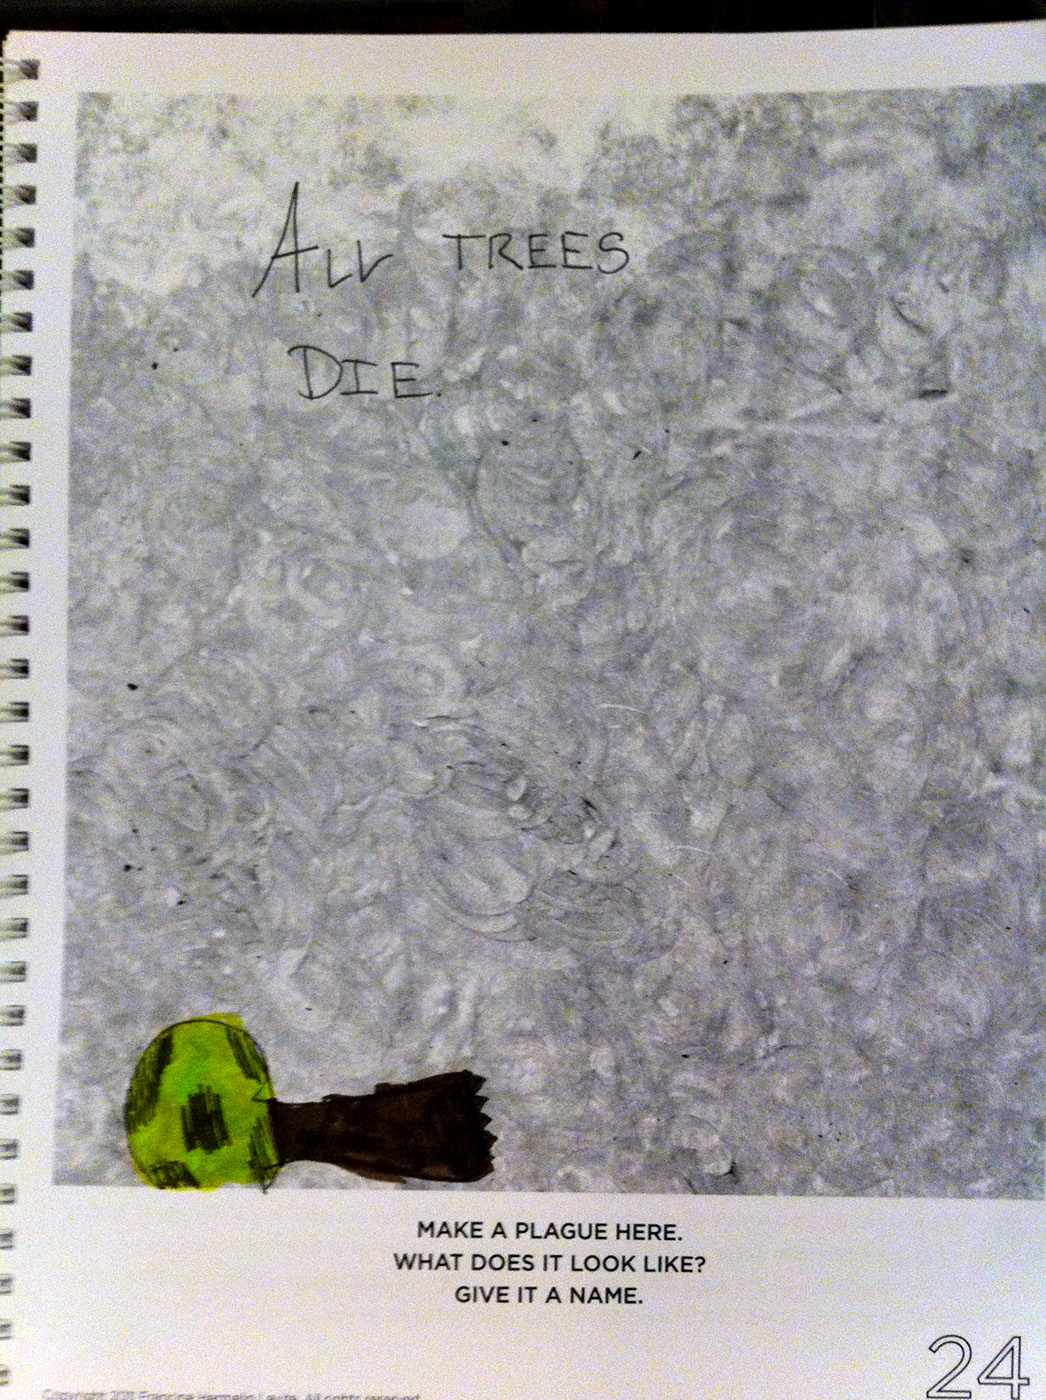 Plague_Trees Die copy.JPG